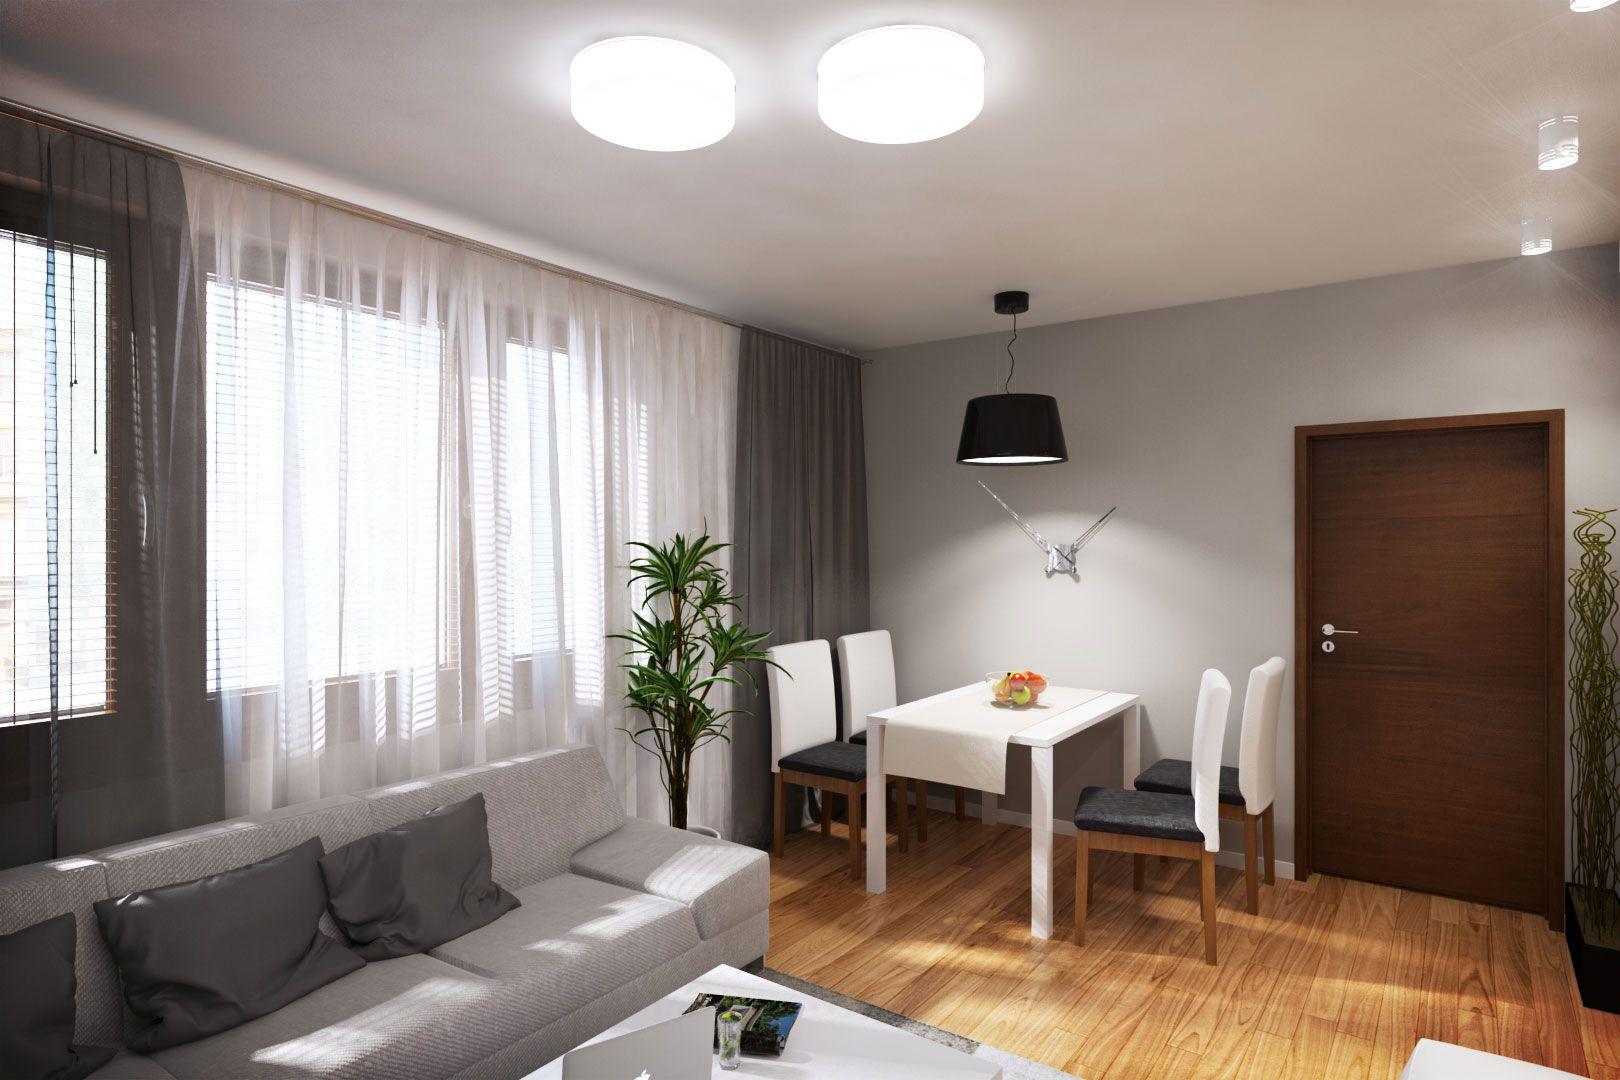 Dise o departamento peque o 62 m planos construye hogar for Decoracion living comedor departamento